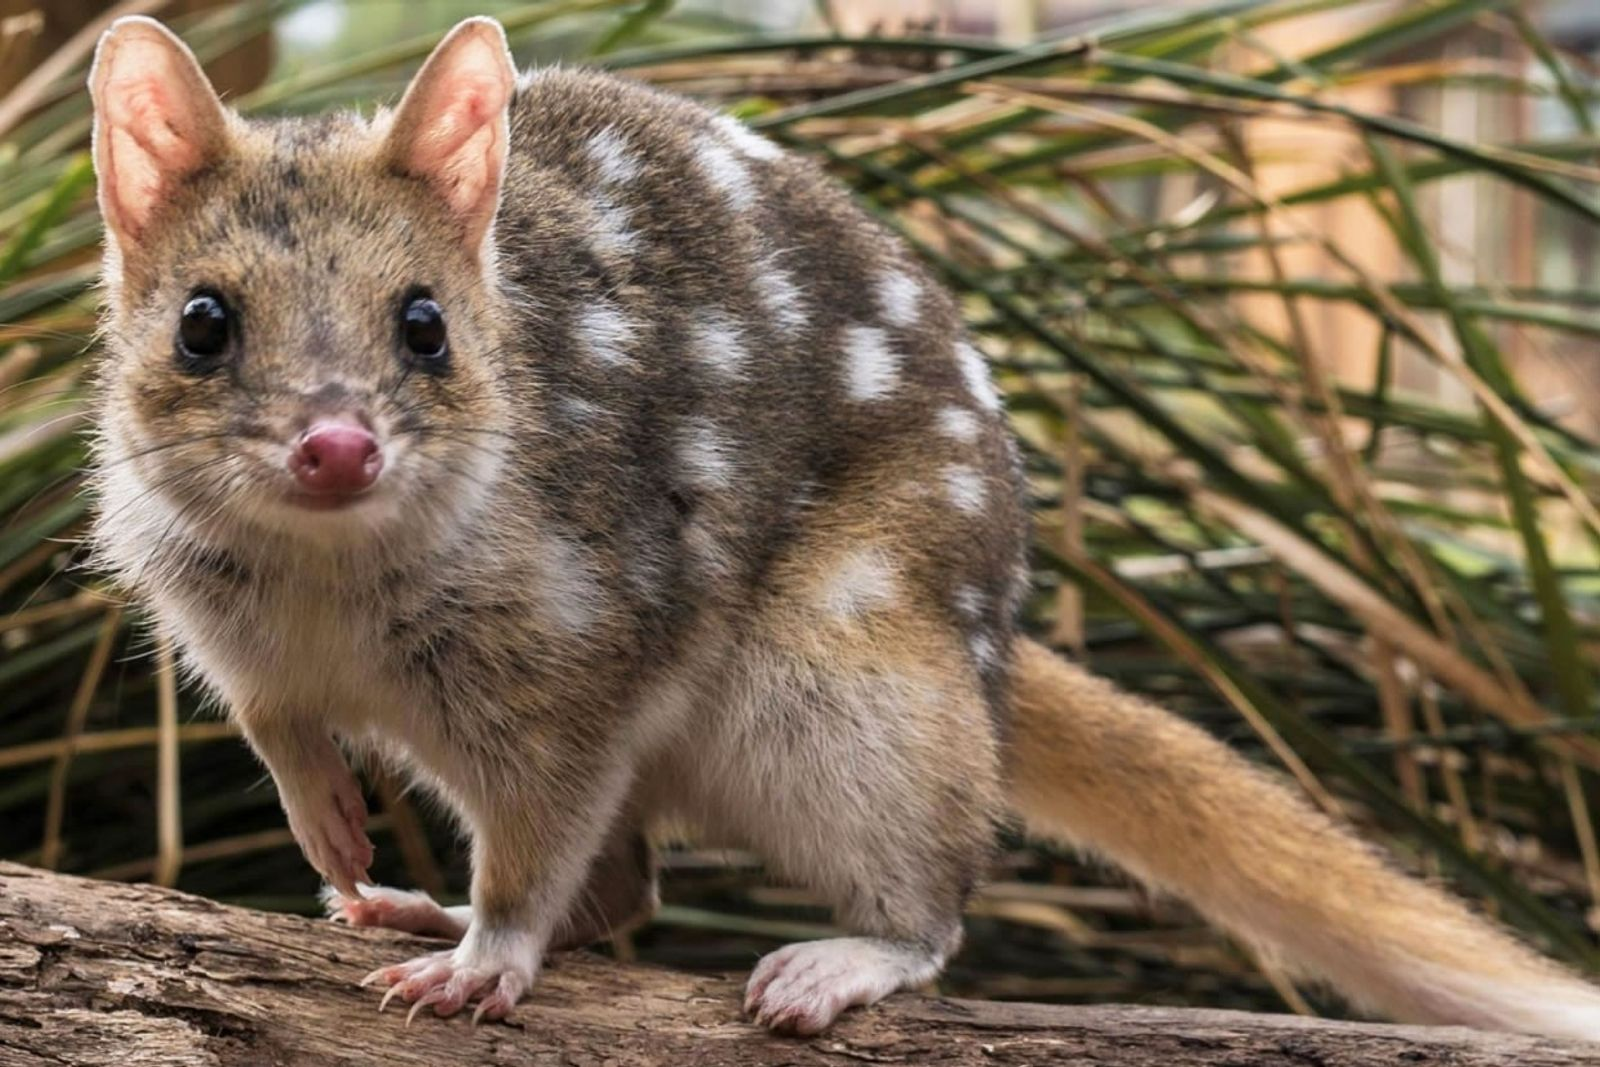 Os quolls-orientais foram extintos da Austrália, mas sobreviveram na Tasmânia e hoje, pesquisadores estão tentando reintroduzi-los ...